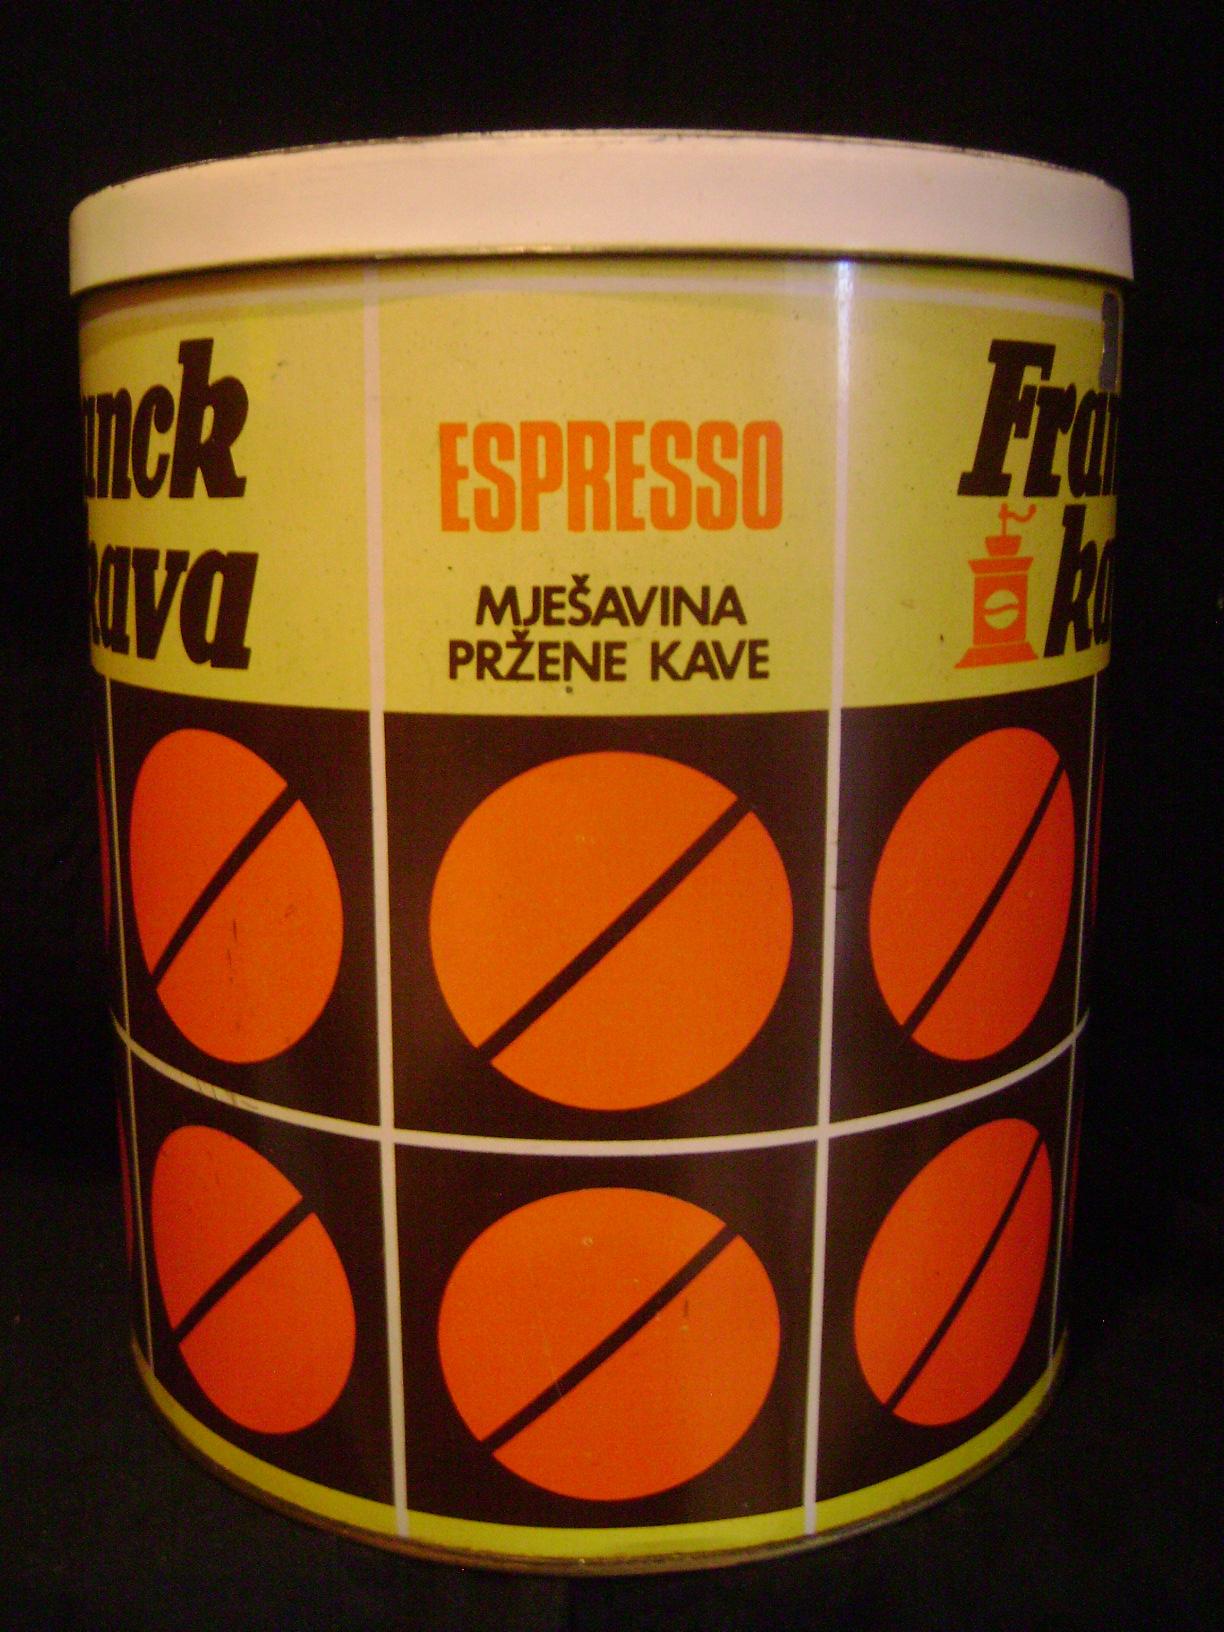 Limena_kutija_Espresso_Franck_kava_3.JPG